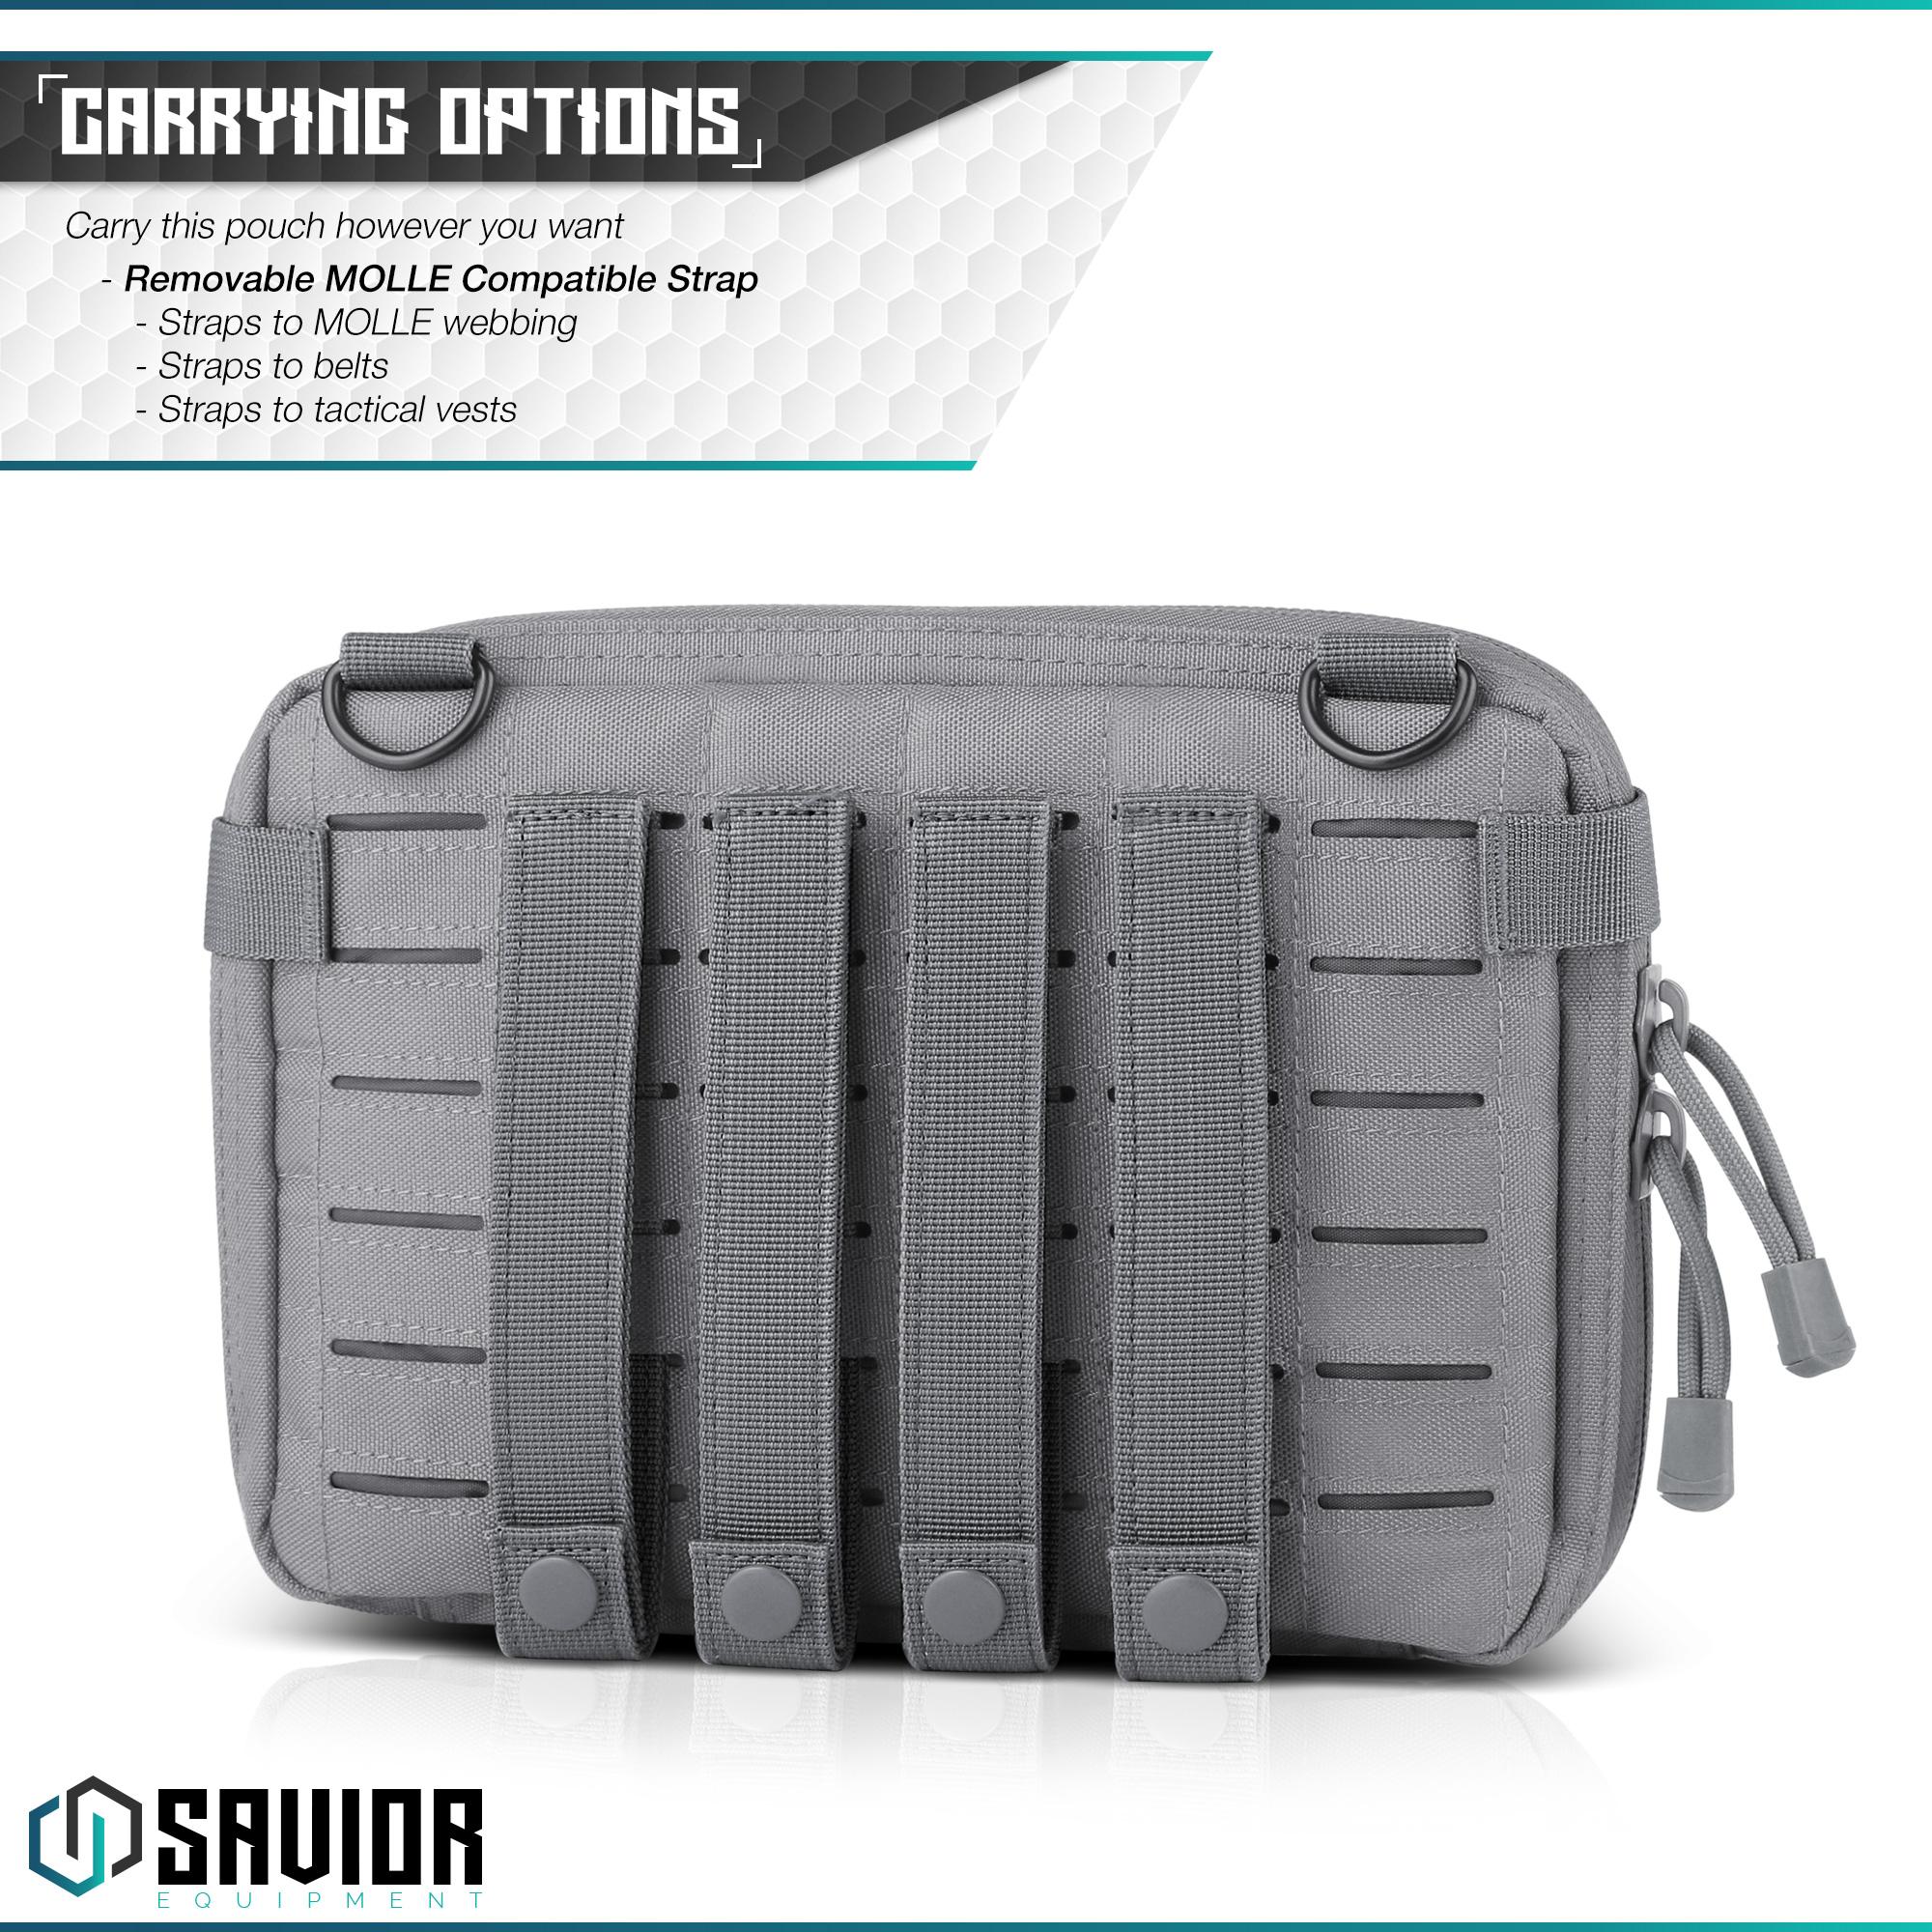 SAVIOR-Laser-Cut-MOLLE-Admin-Utility-EDC-Pouch-Tactical-Outdoor-Survival-Bag thumbnail 6